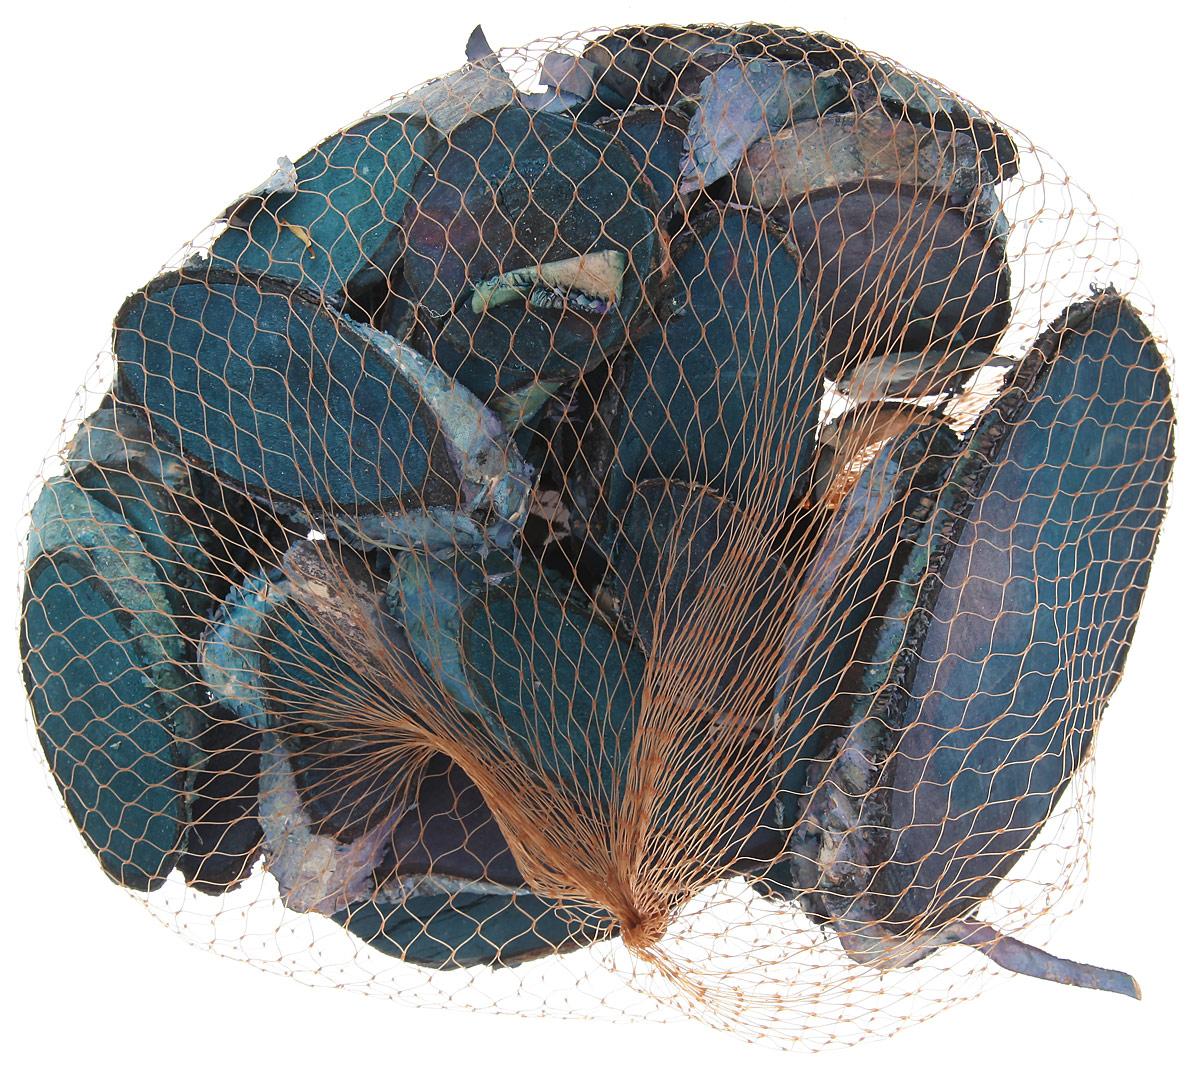 Декоративный элемент Dongjiang Art Срез ветки, цвет: синий, толщина 7 мм, 250 гC0038550Декоративный элемент Dongjiang Art Срез ветки изготовлен из дерева.Изделие предназначено для декорирования. Срез может пригодиться во флористике и многом другом. Декоративный элемент представляет собой тонкий срез ветки. Флористика - вид декоративно-прикладного искусства, который использует живые, засушенные или консервированные природные материалы для создания флористических работ. Это целый мир, в котором есть место и строгому математическому расчету, и вдохновению, полету фантазии. Толщина среза: 7 мм.